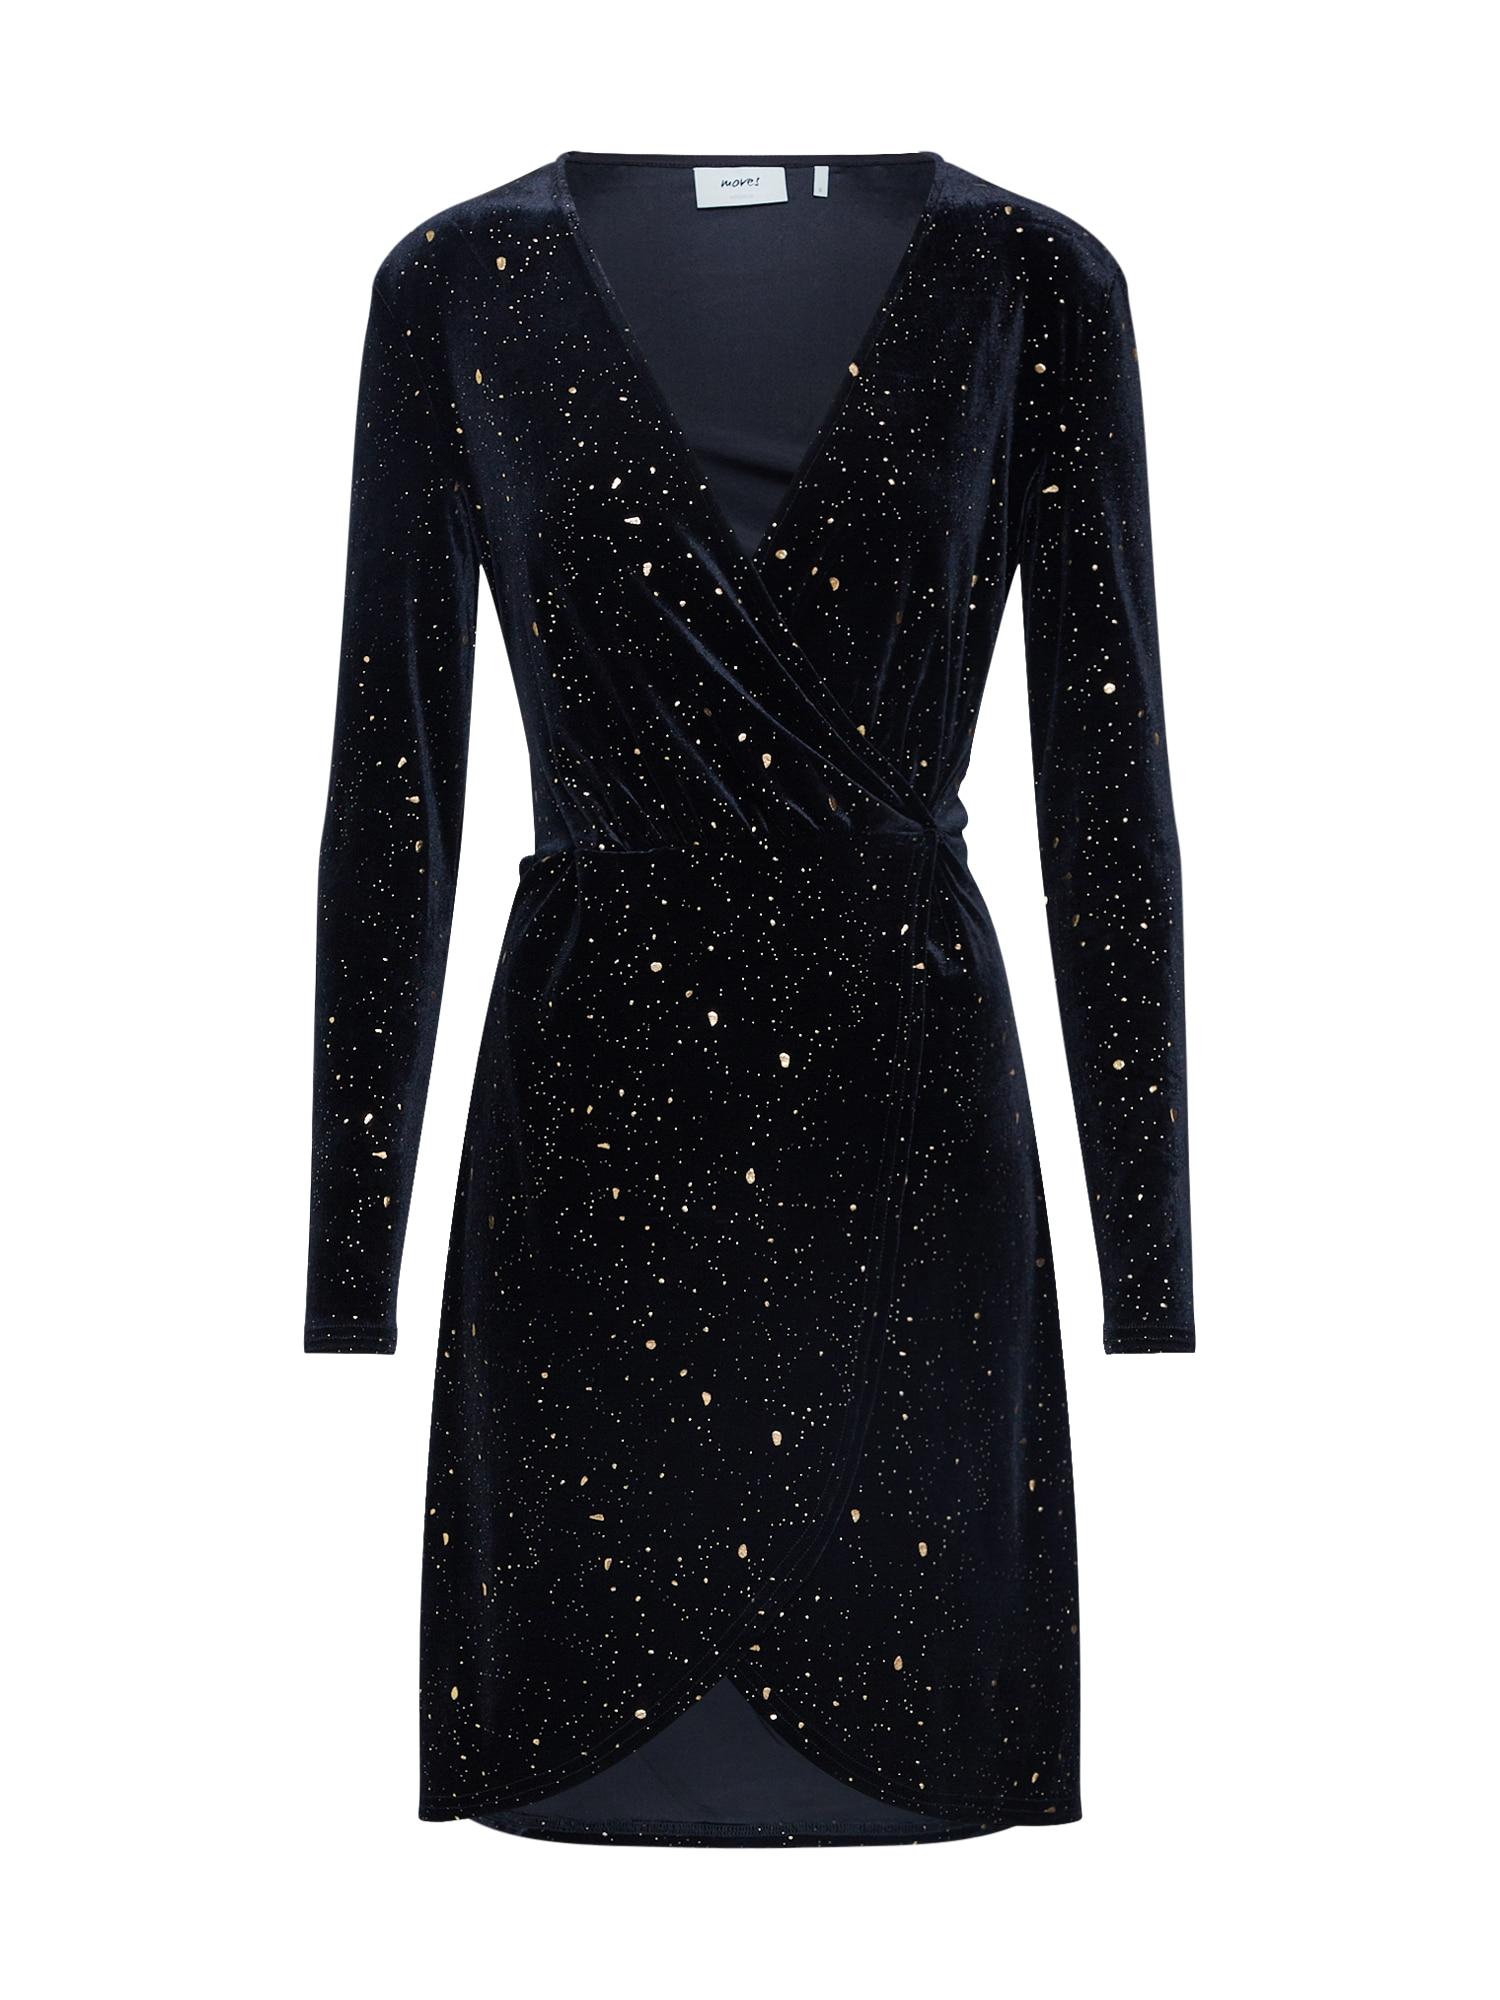 Koktejlové šaty Vimma zlatá černá Moves